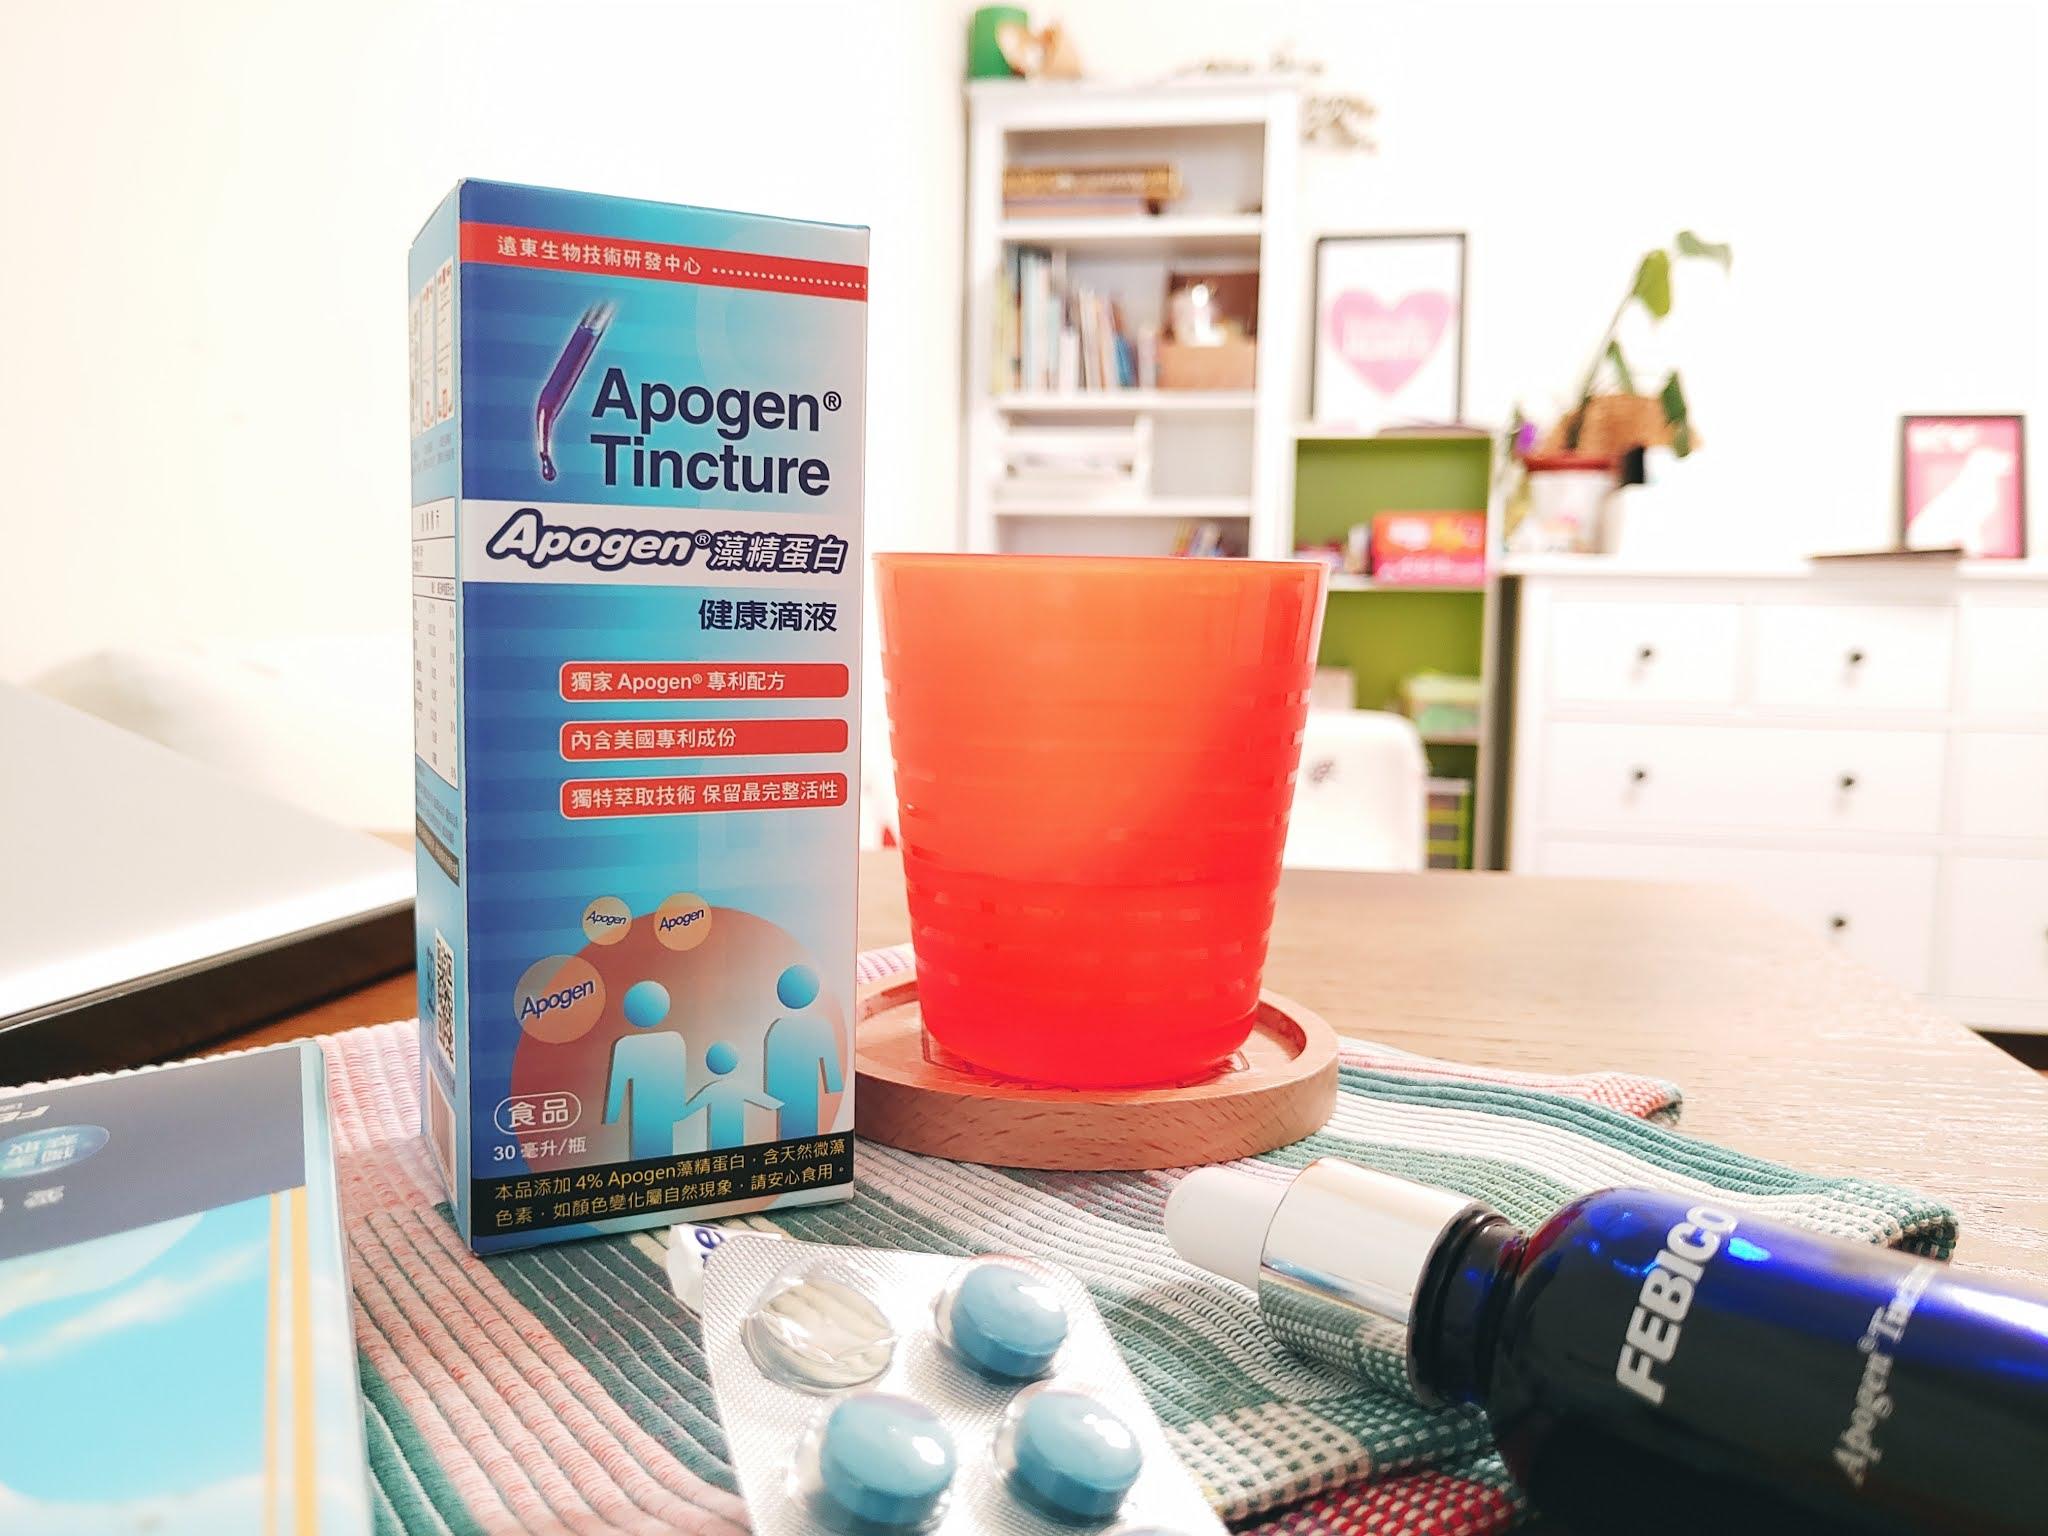 遠東生技提高免疫力apogen美國專利藻精蛋白藍綠藻保健